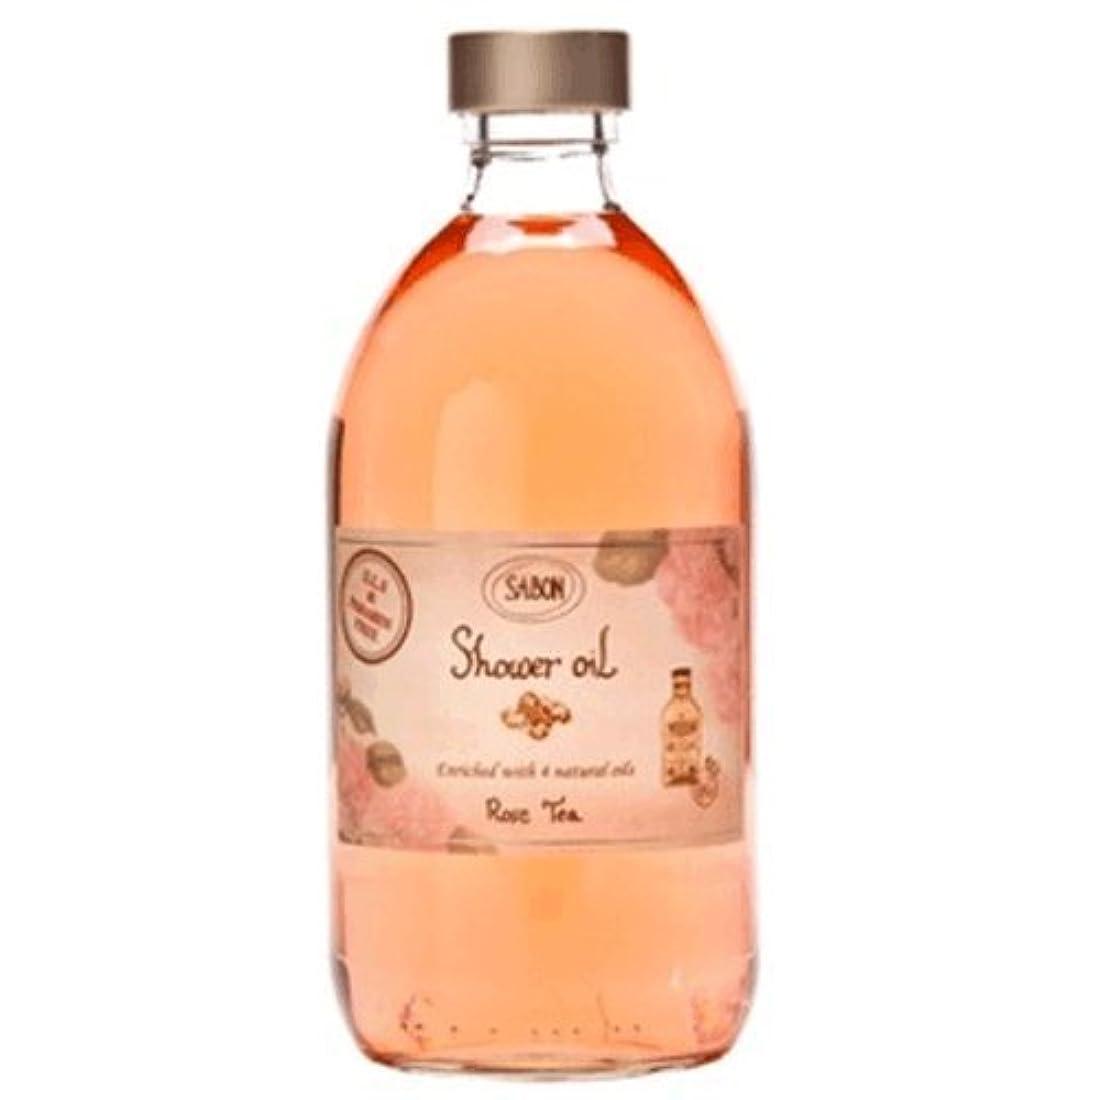 可動式累計ウェーハ【サボン】シャワーオイル ローズティー(Rose Tea) ポンプ付き 500ml